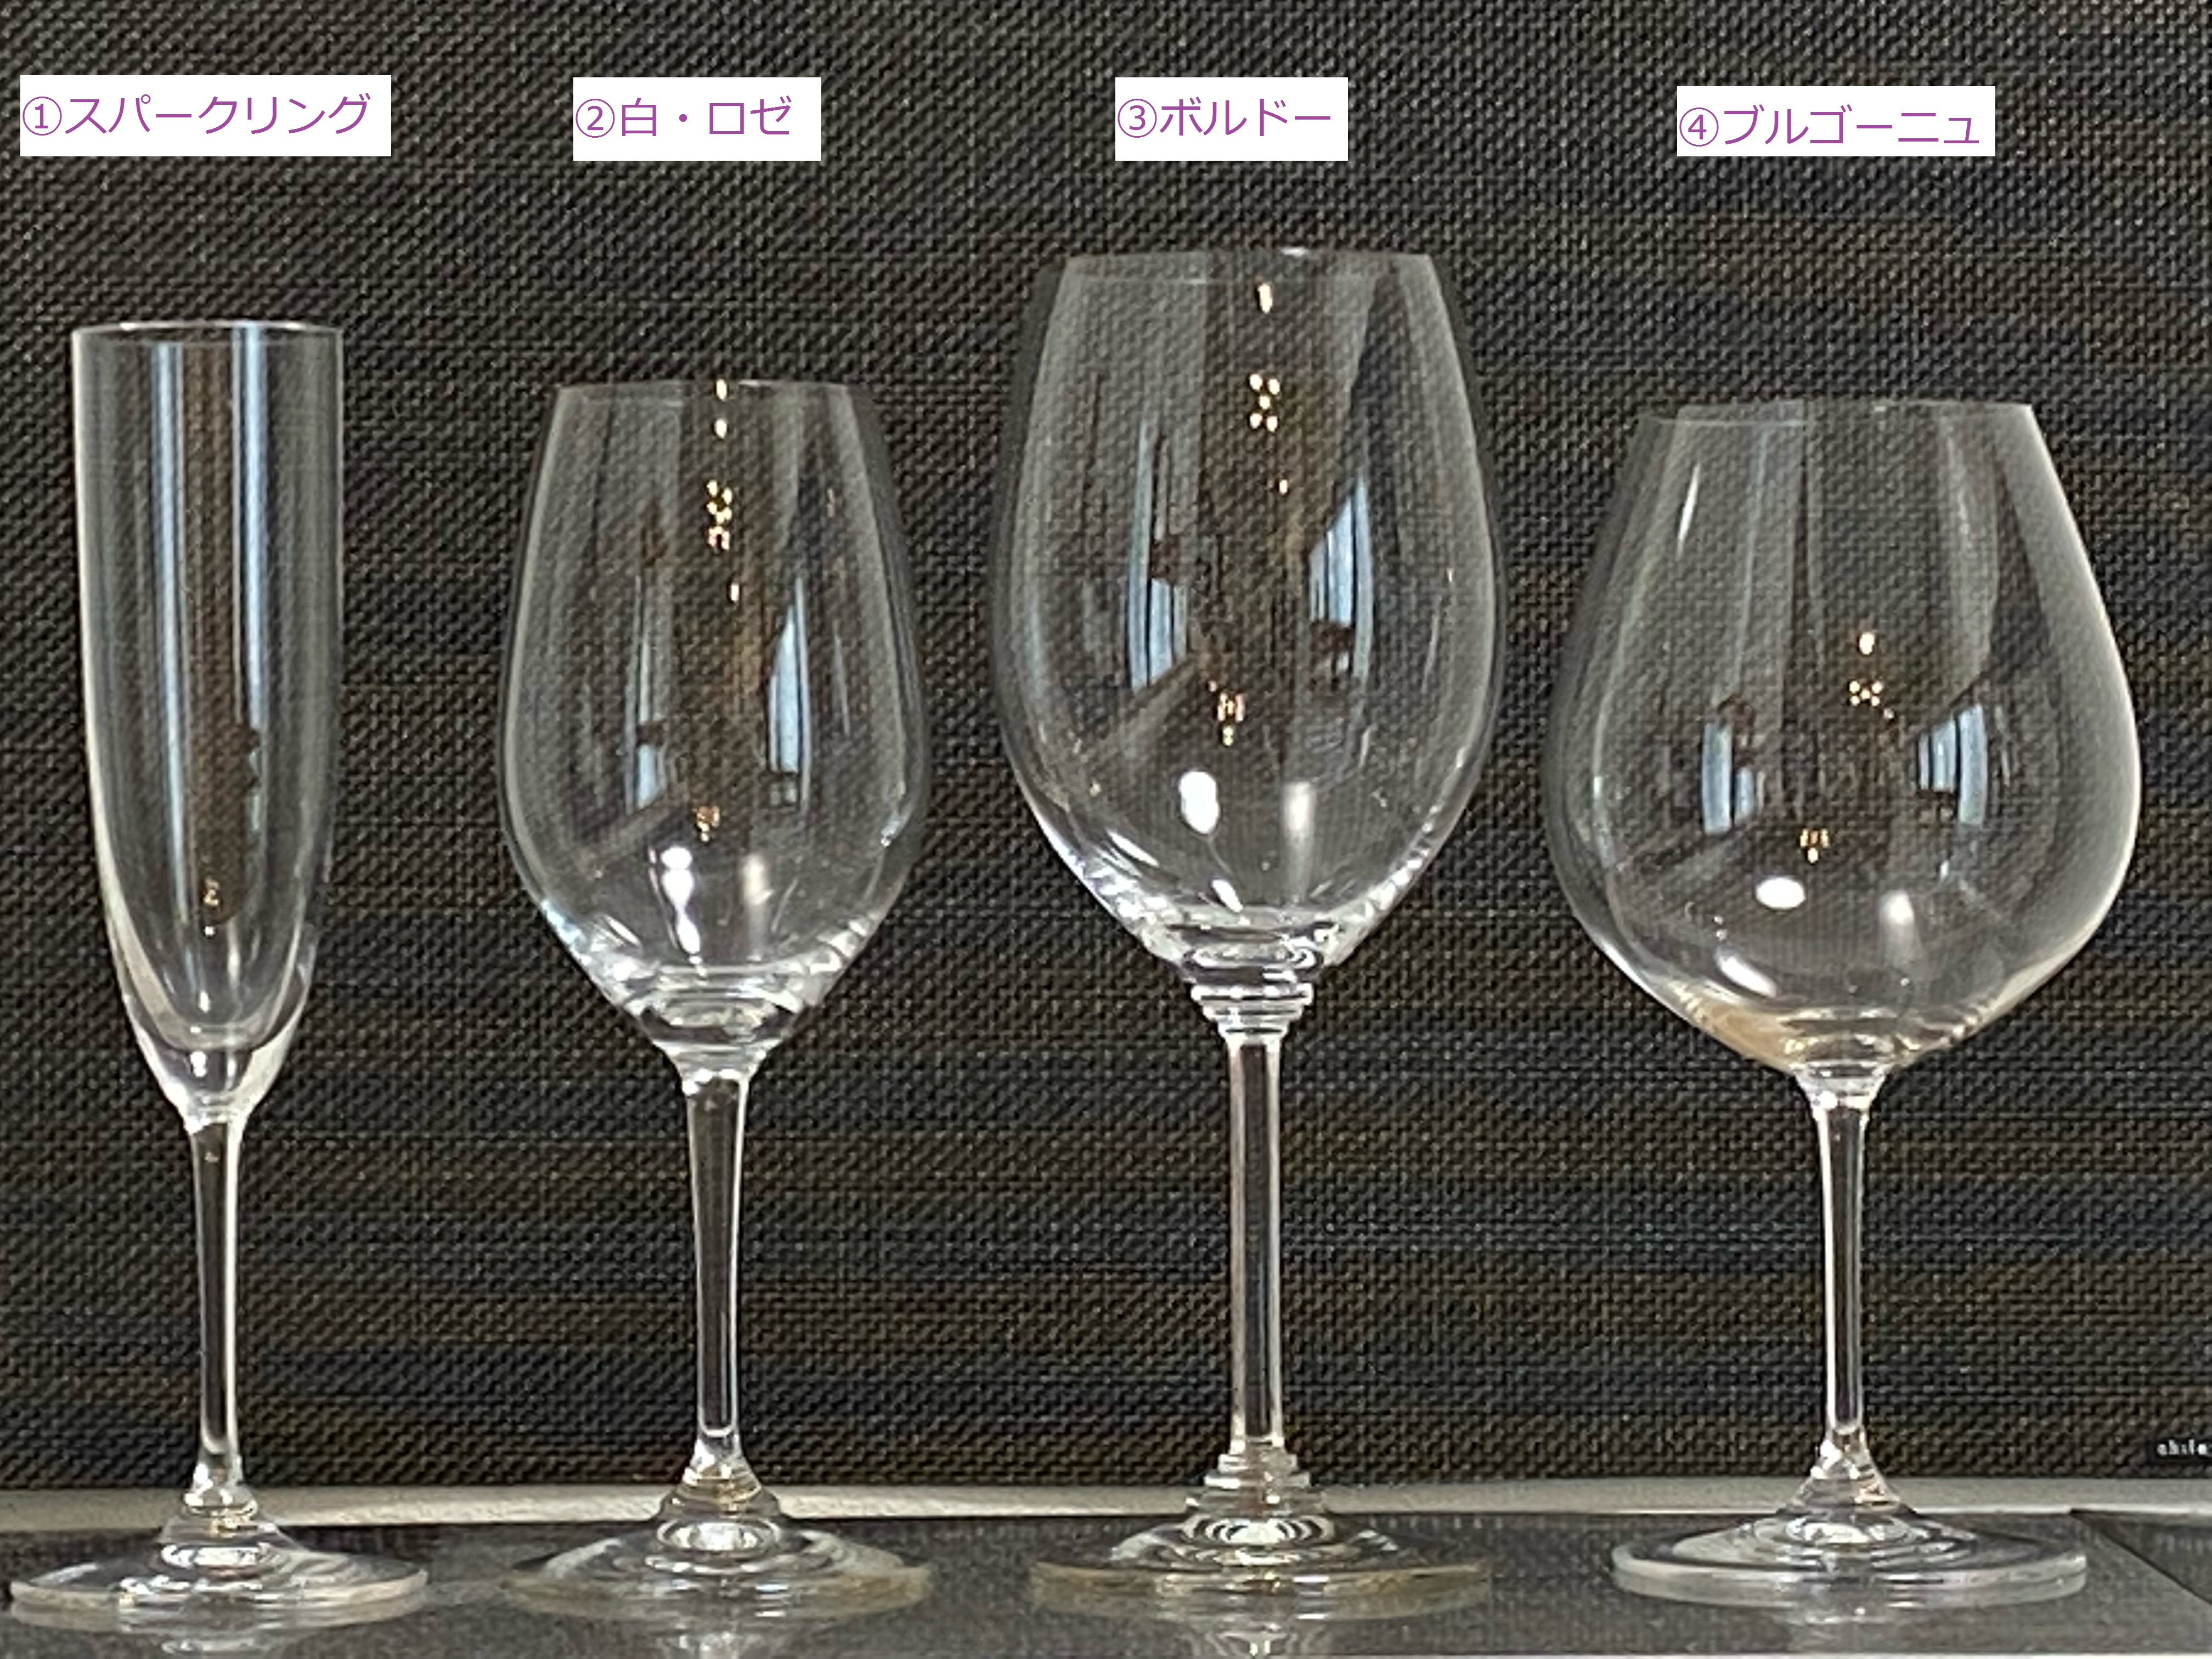 ワイン別的確なグラスの形状について